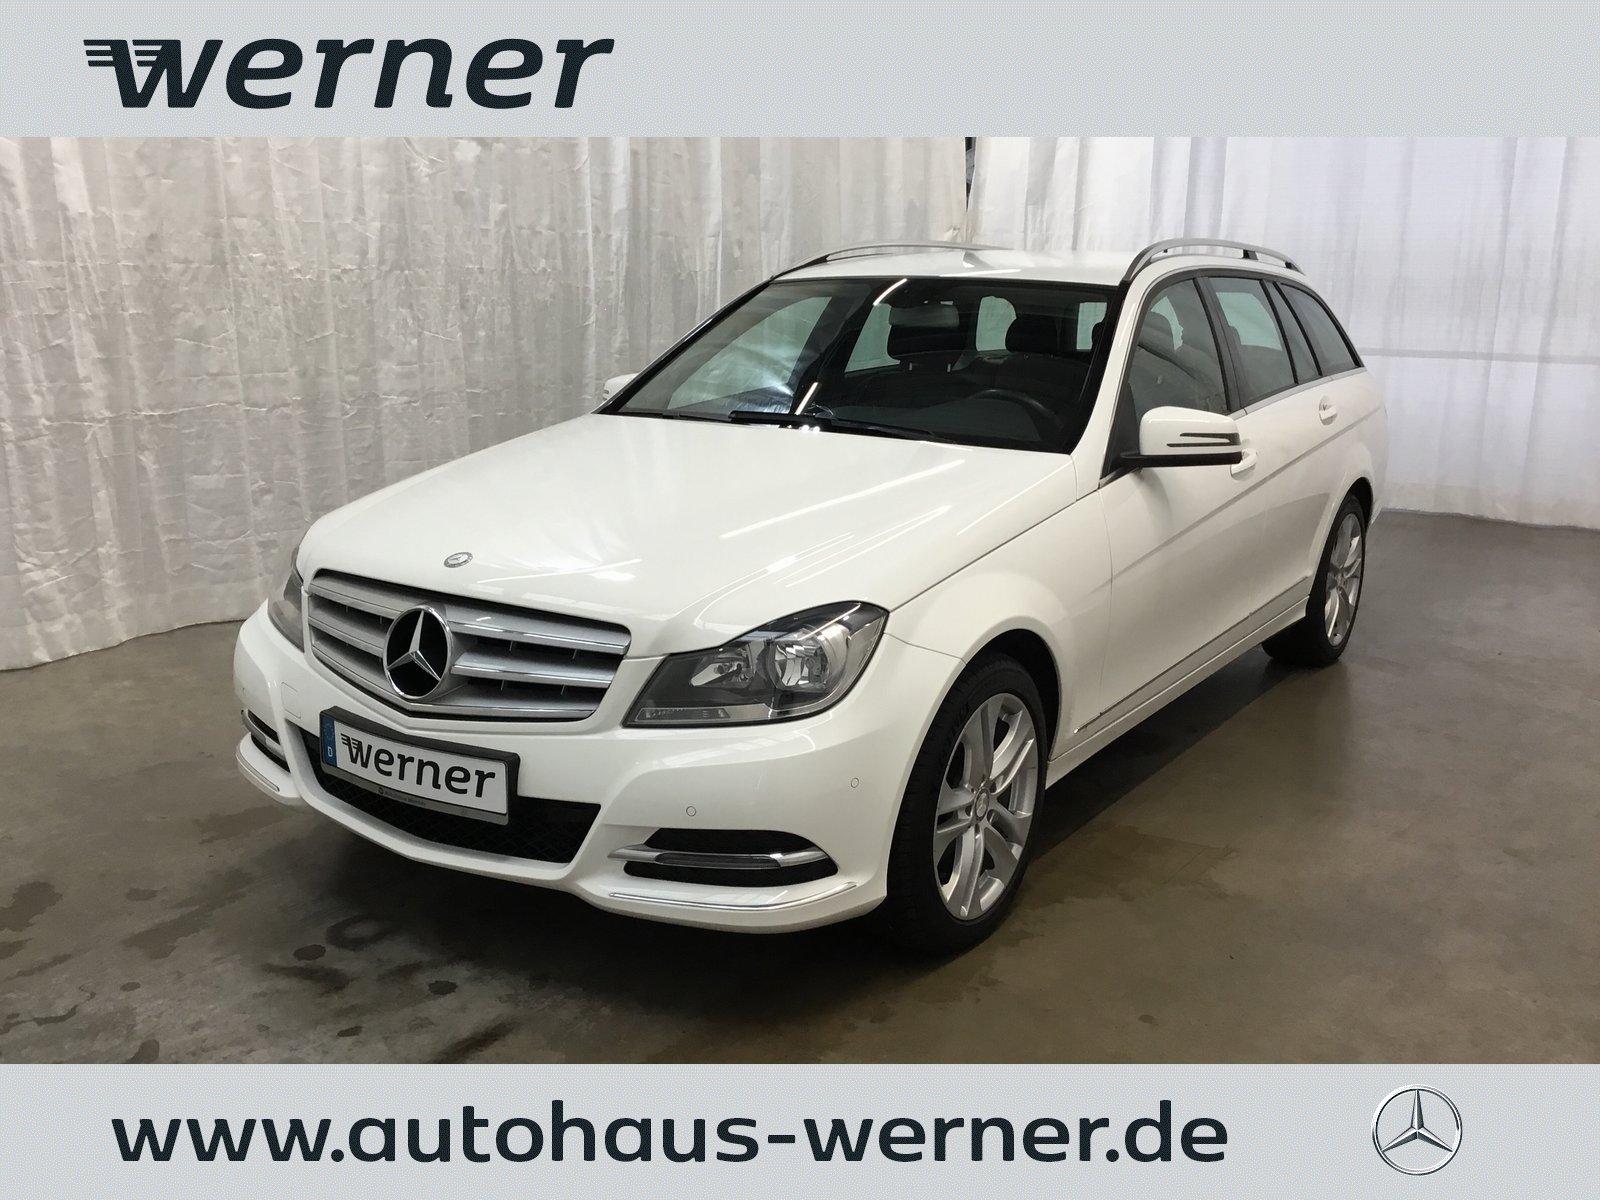 Mercedes-Benz C 200 T CDI Avantgarde Navi+AHK+Park+Sitz+Esche+, Jahr 2013, Diesel